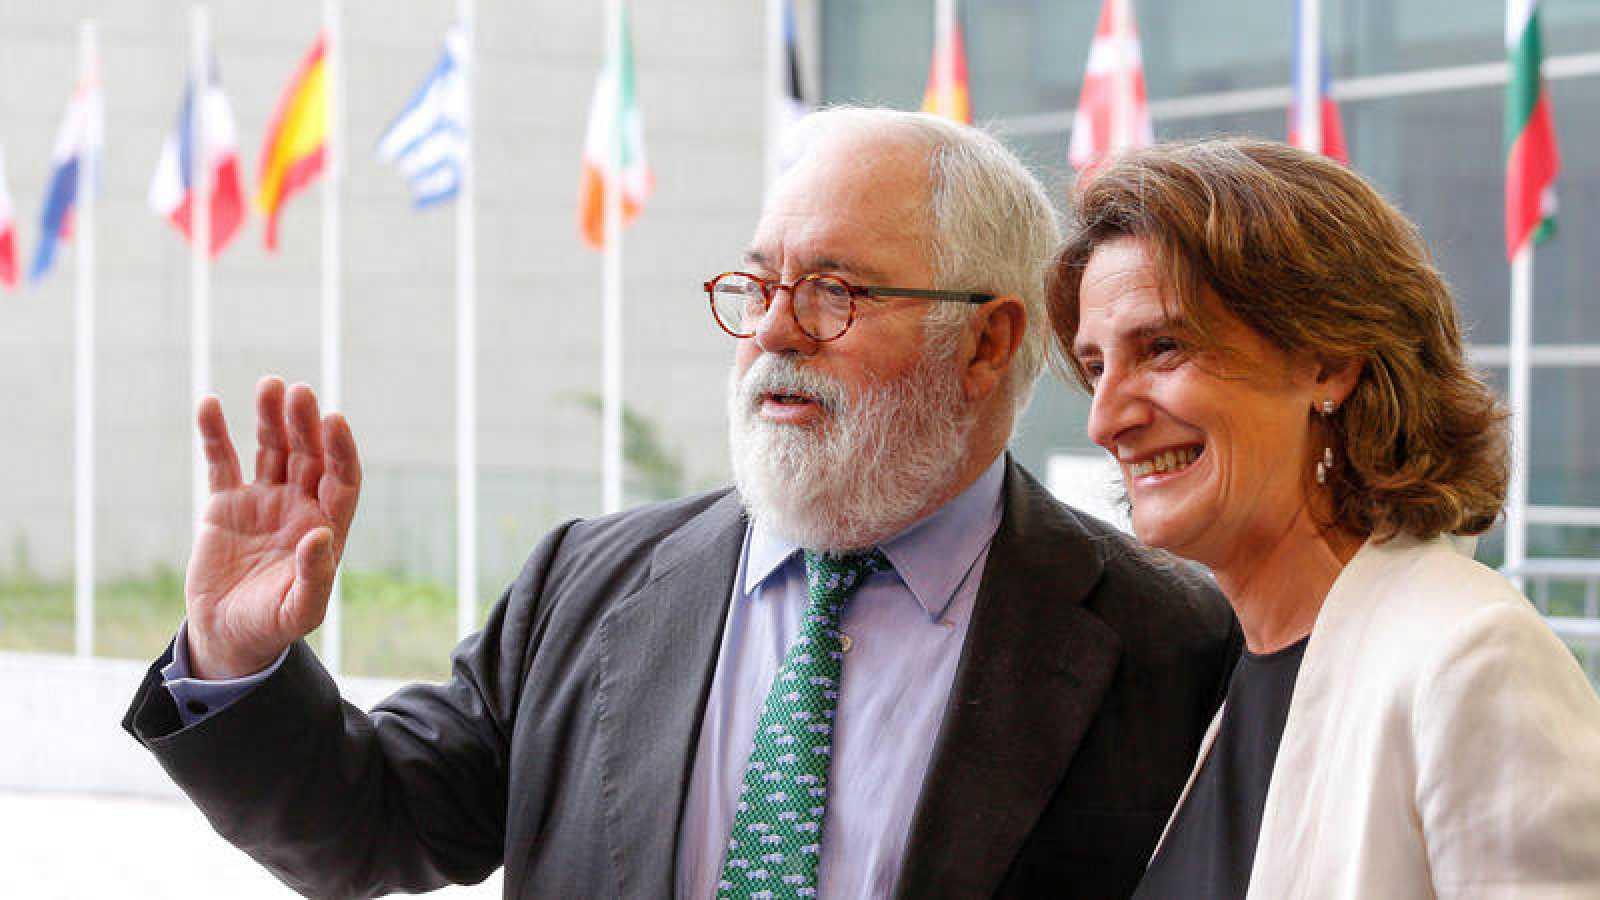 La ministra para Transición Ecológica, Teresa Ribera, junto al comisario europeo de Energía y Cambio Climático, Miguel Arias Cañete